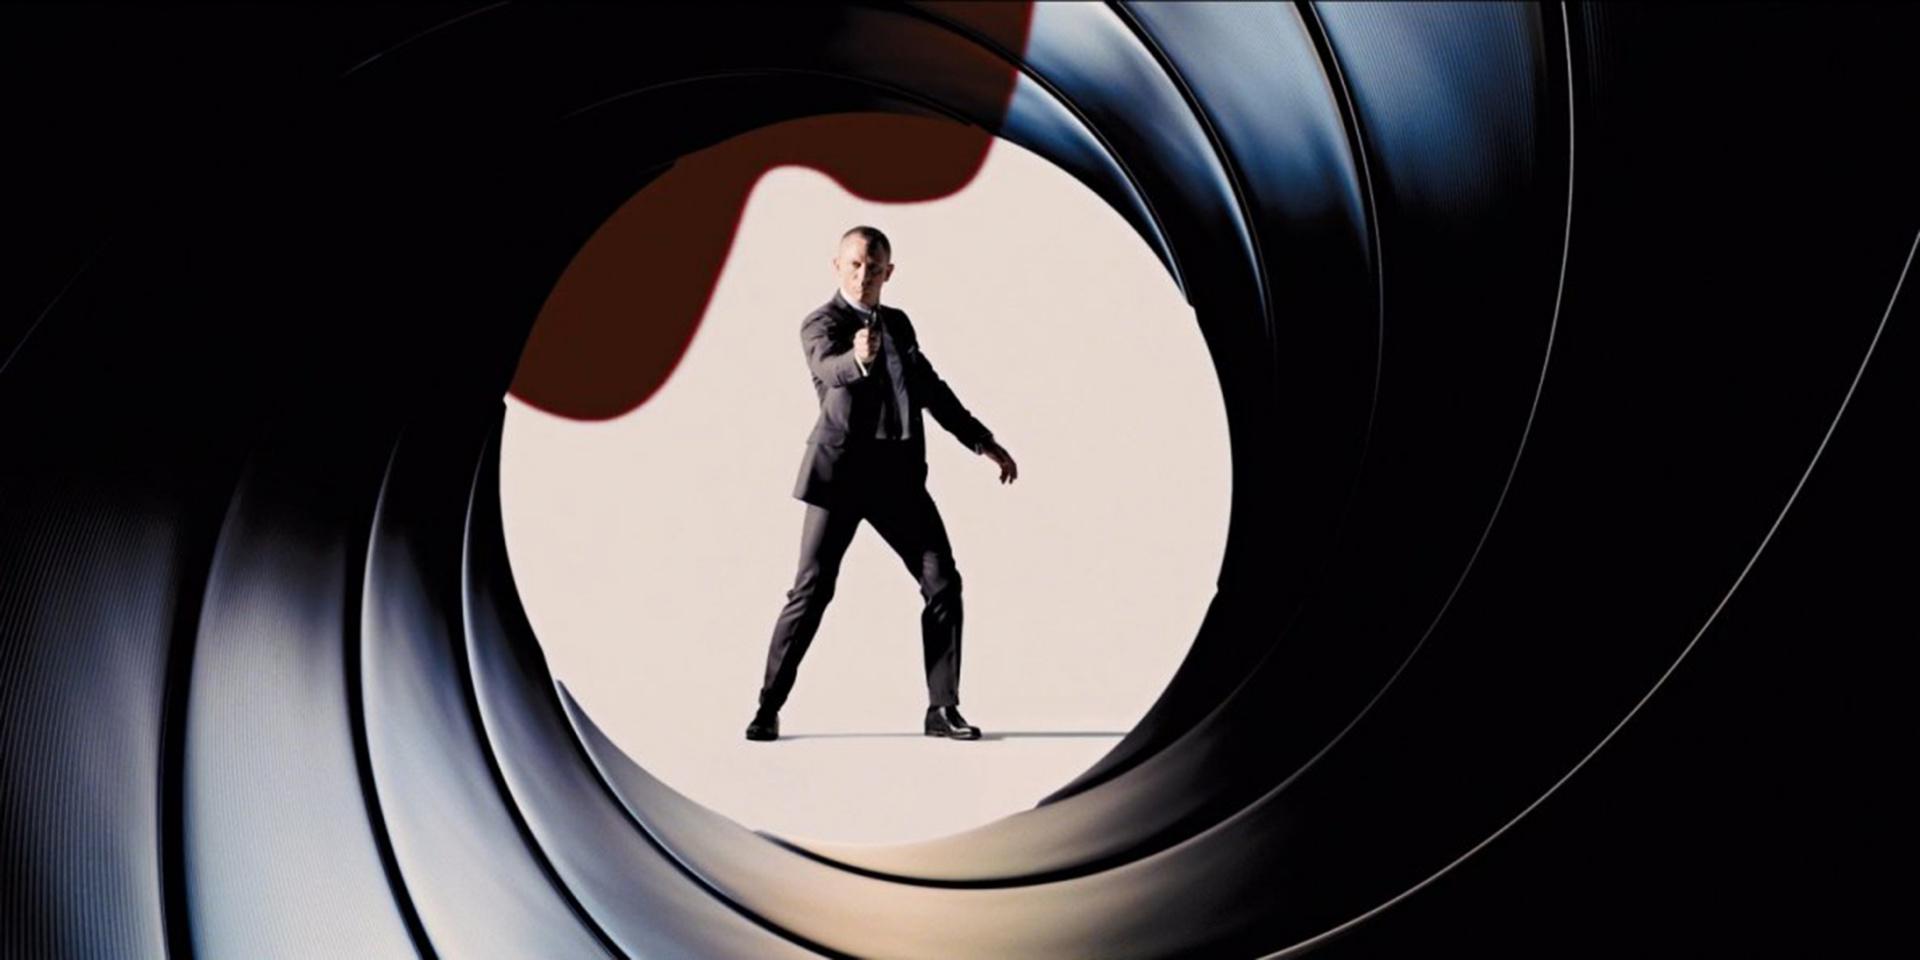 Project 007 от авторов Hitman может стать трилогией, но игра выйдет не скоро